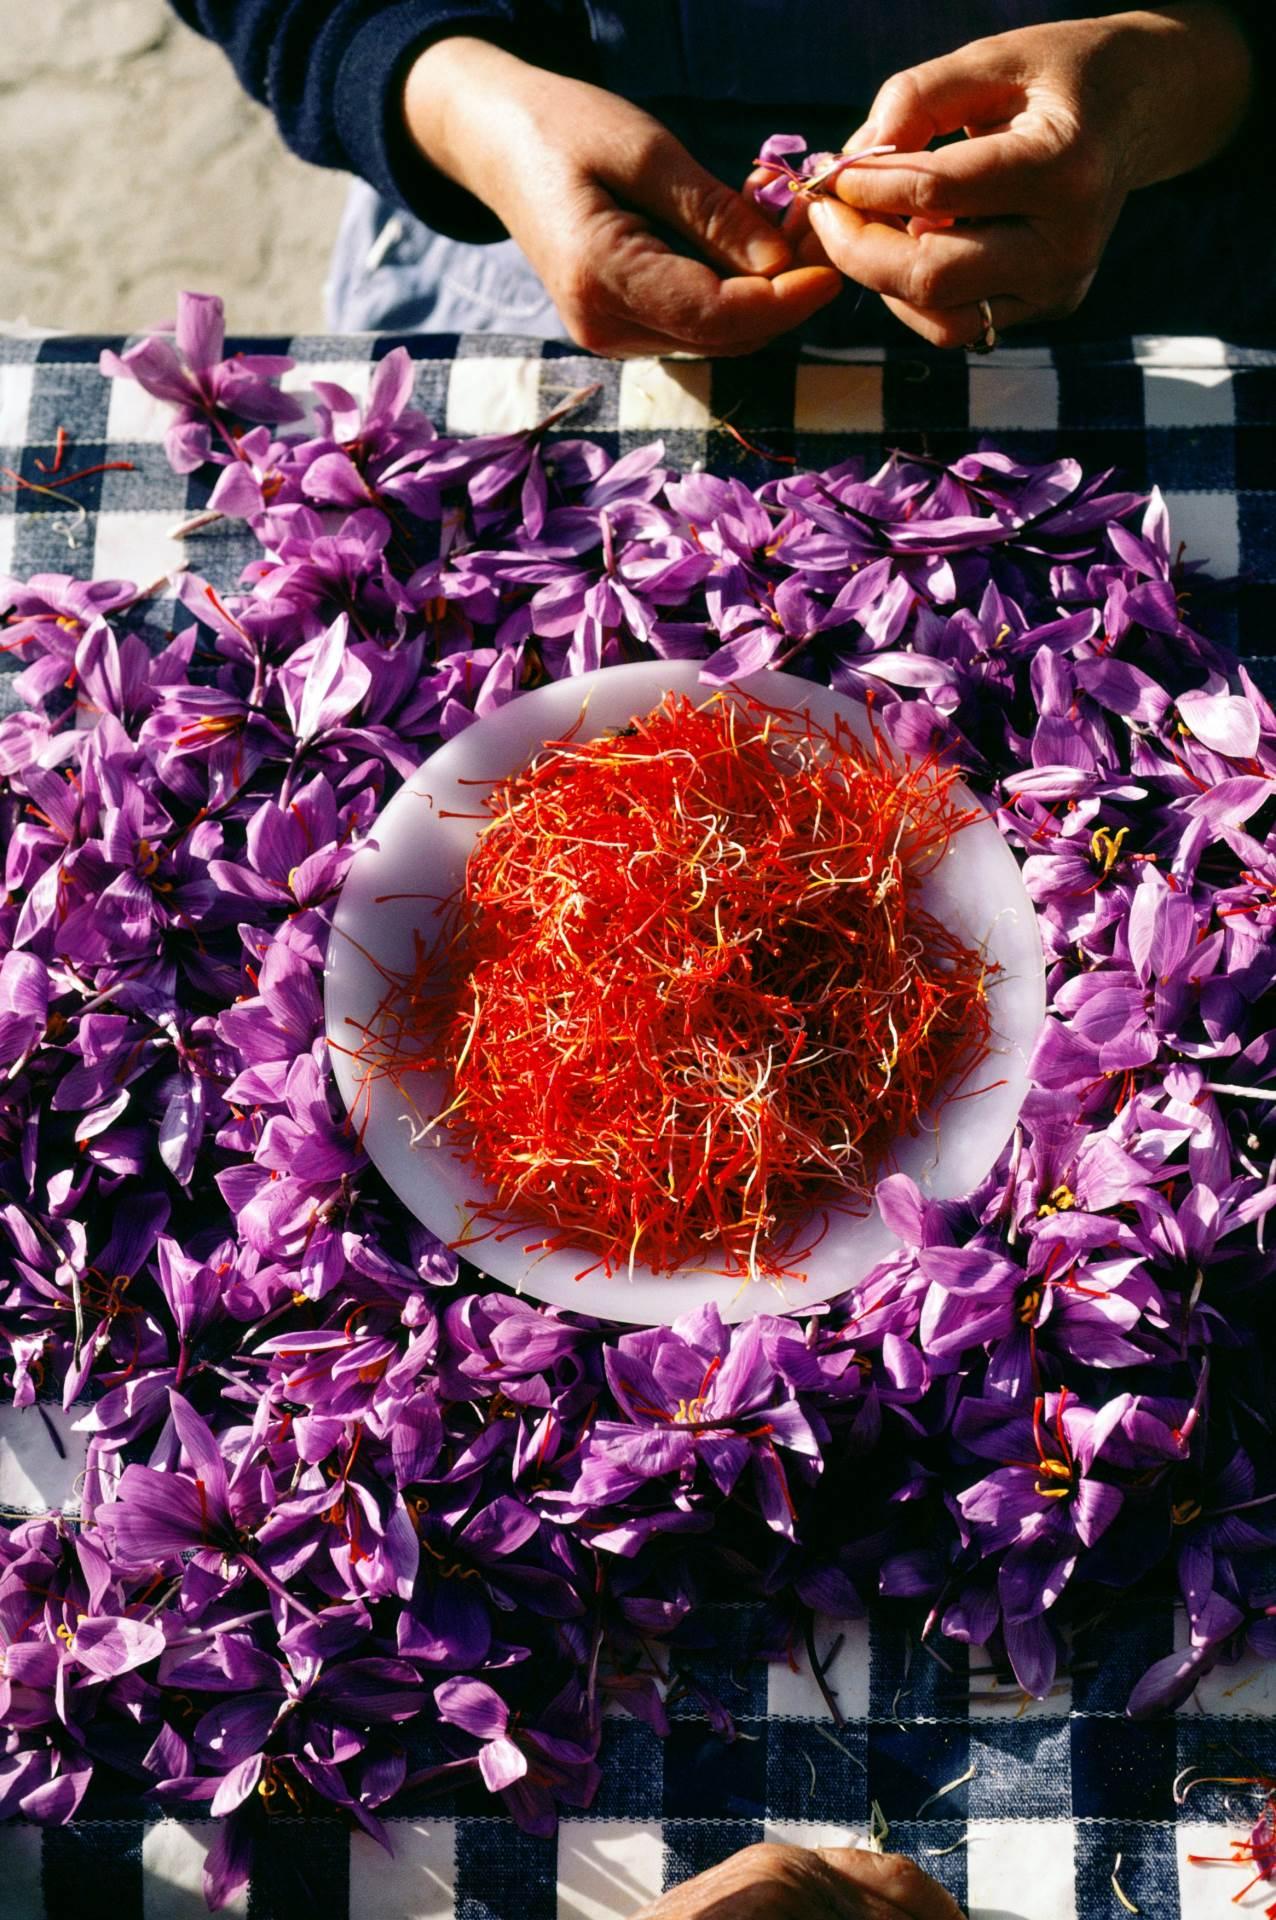 Šafran cvate samo jedan tjedan svake godine a bere se ručno i to sredinom jutra